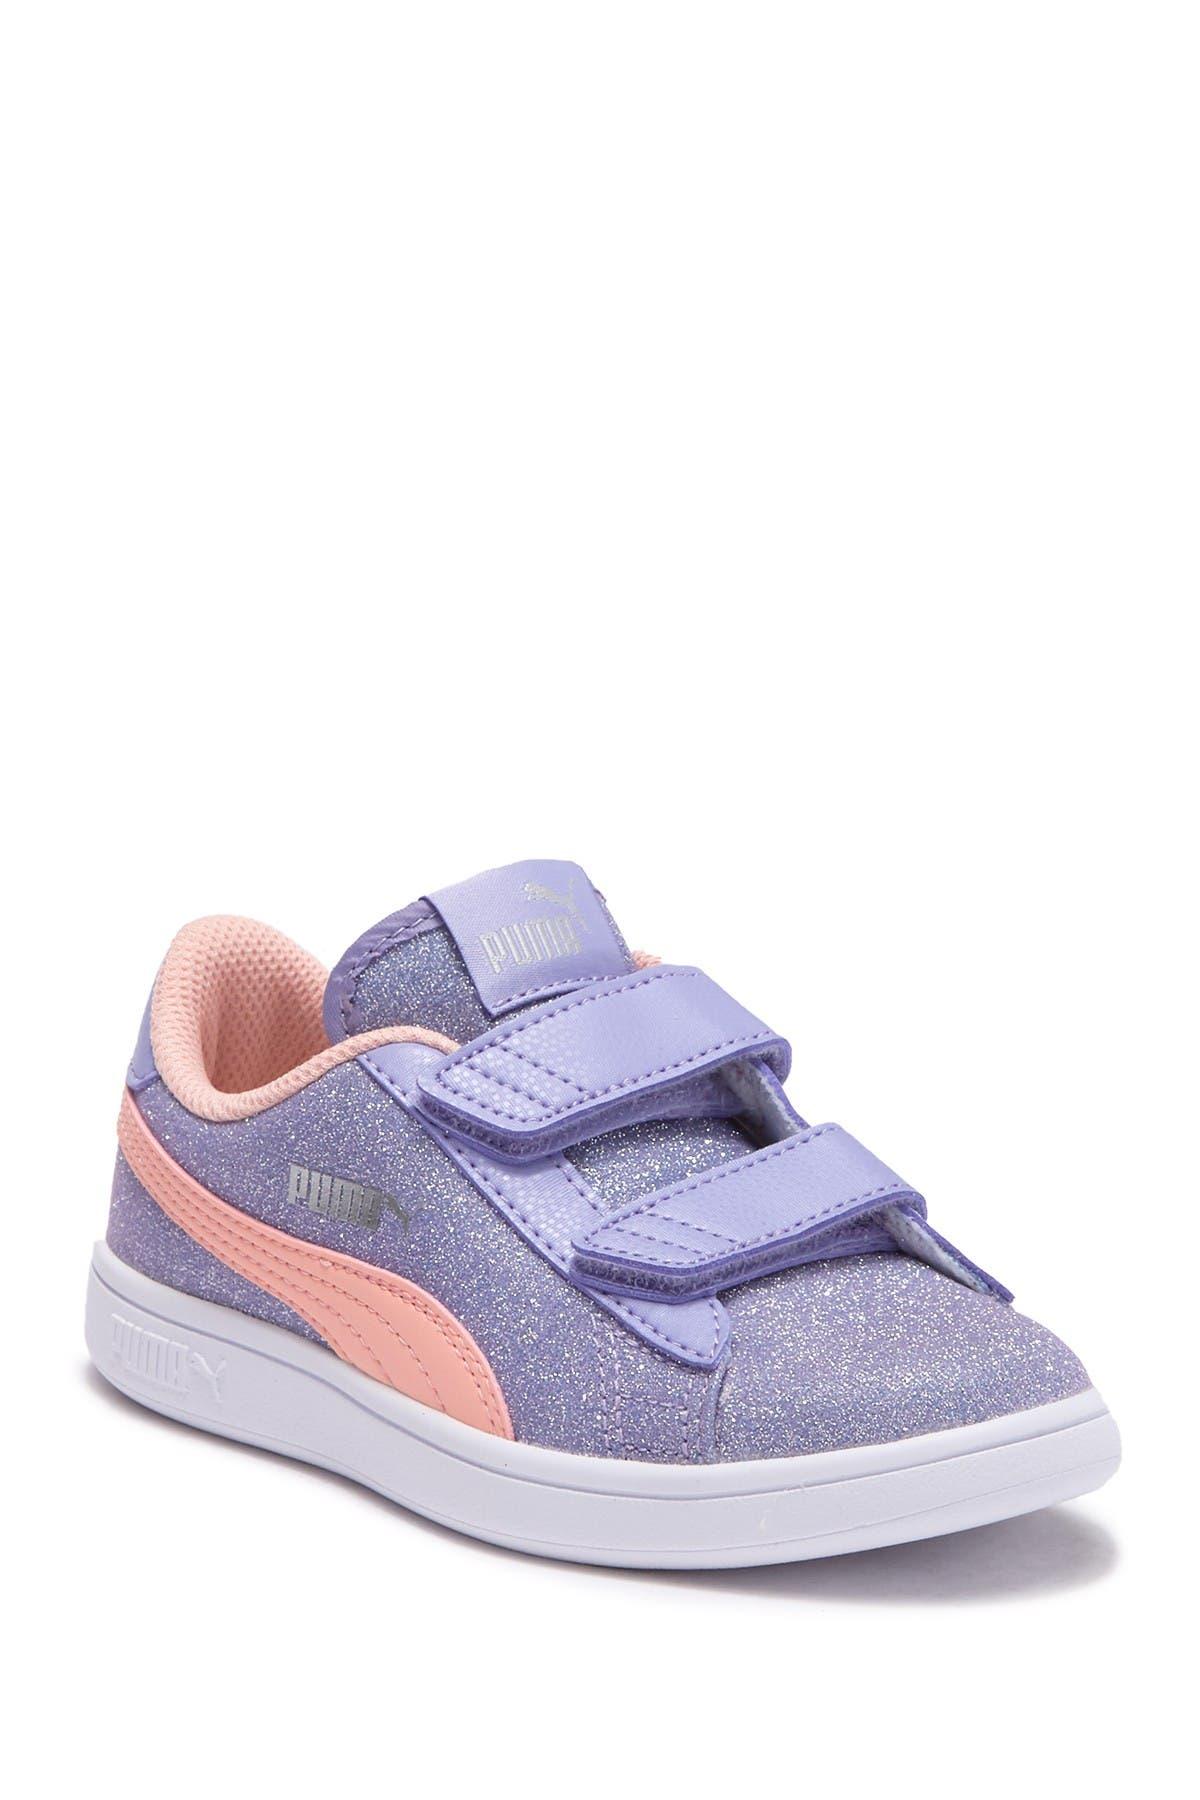 PUMA   Smash V2 Glitz Glam V PS Sneaker